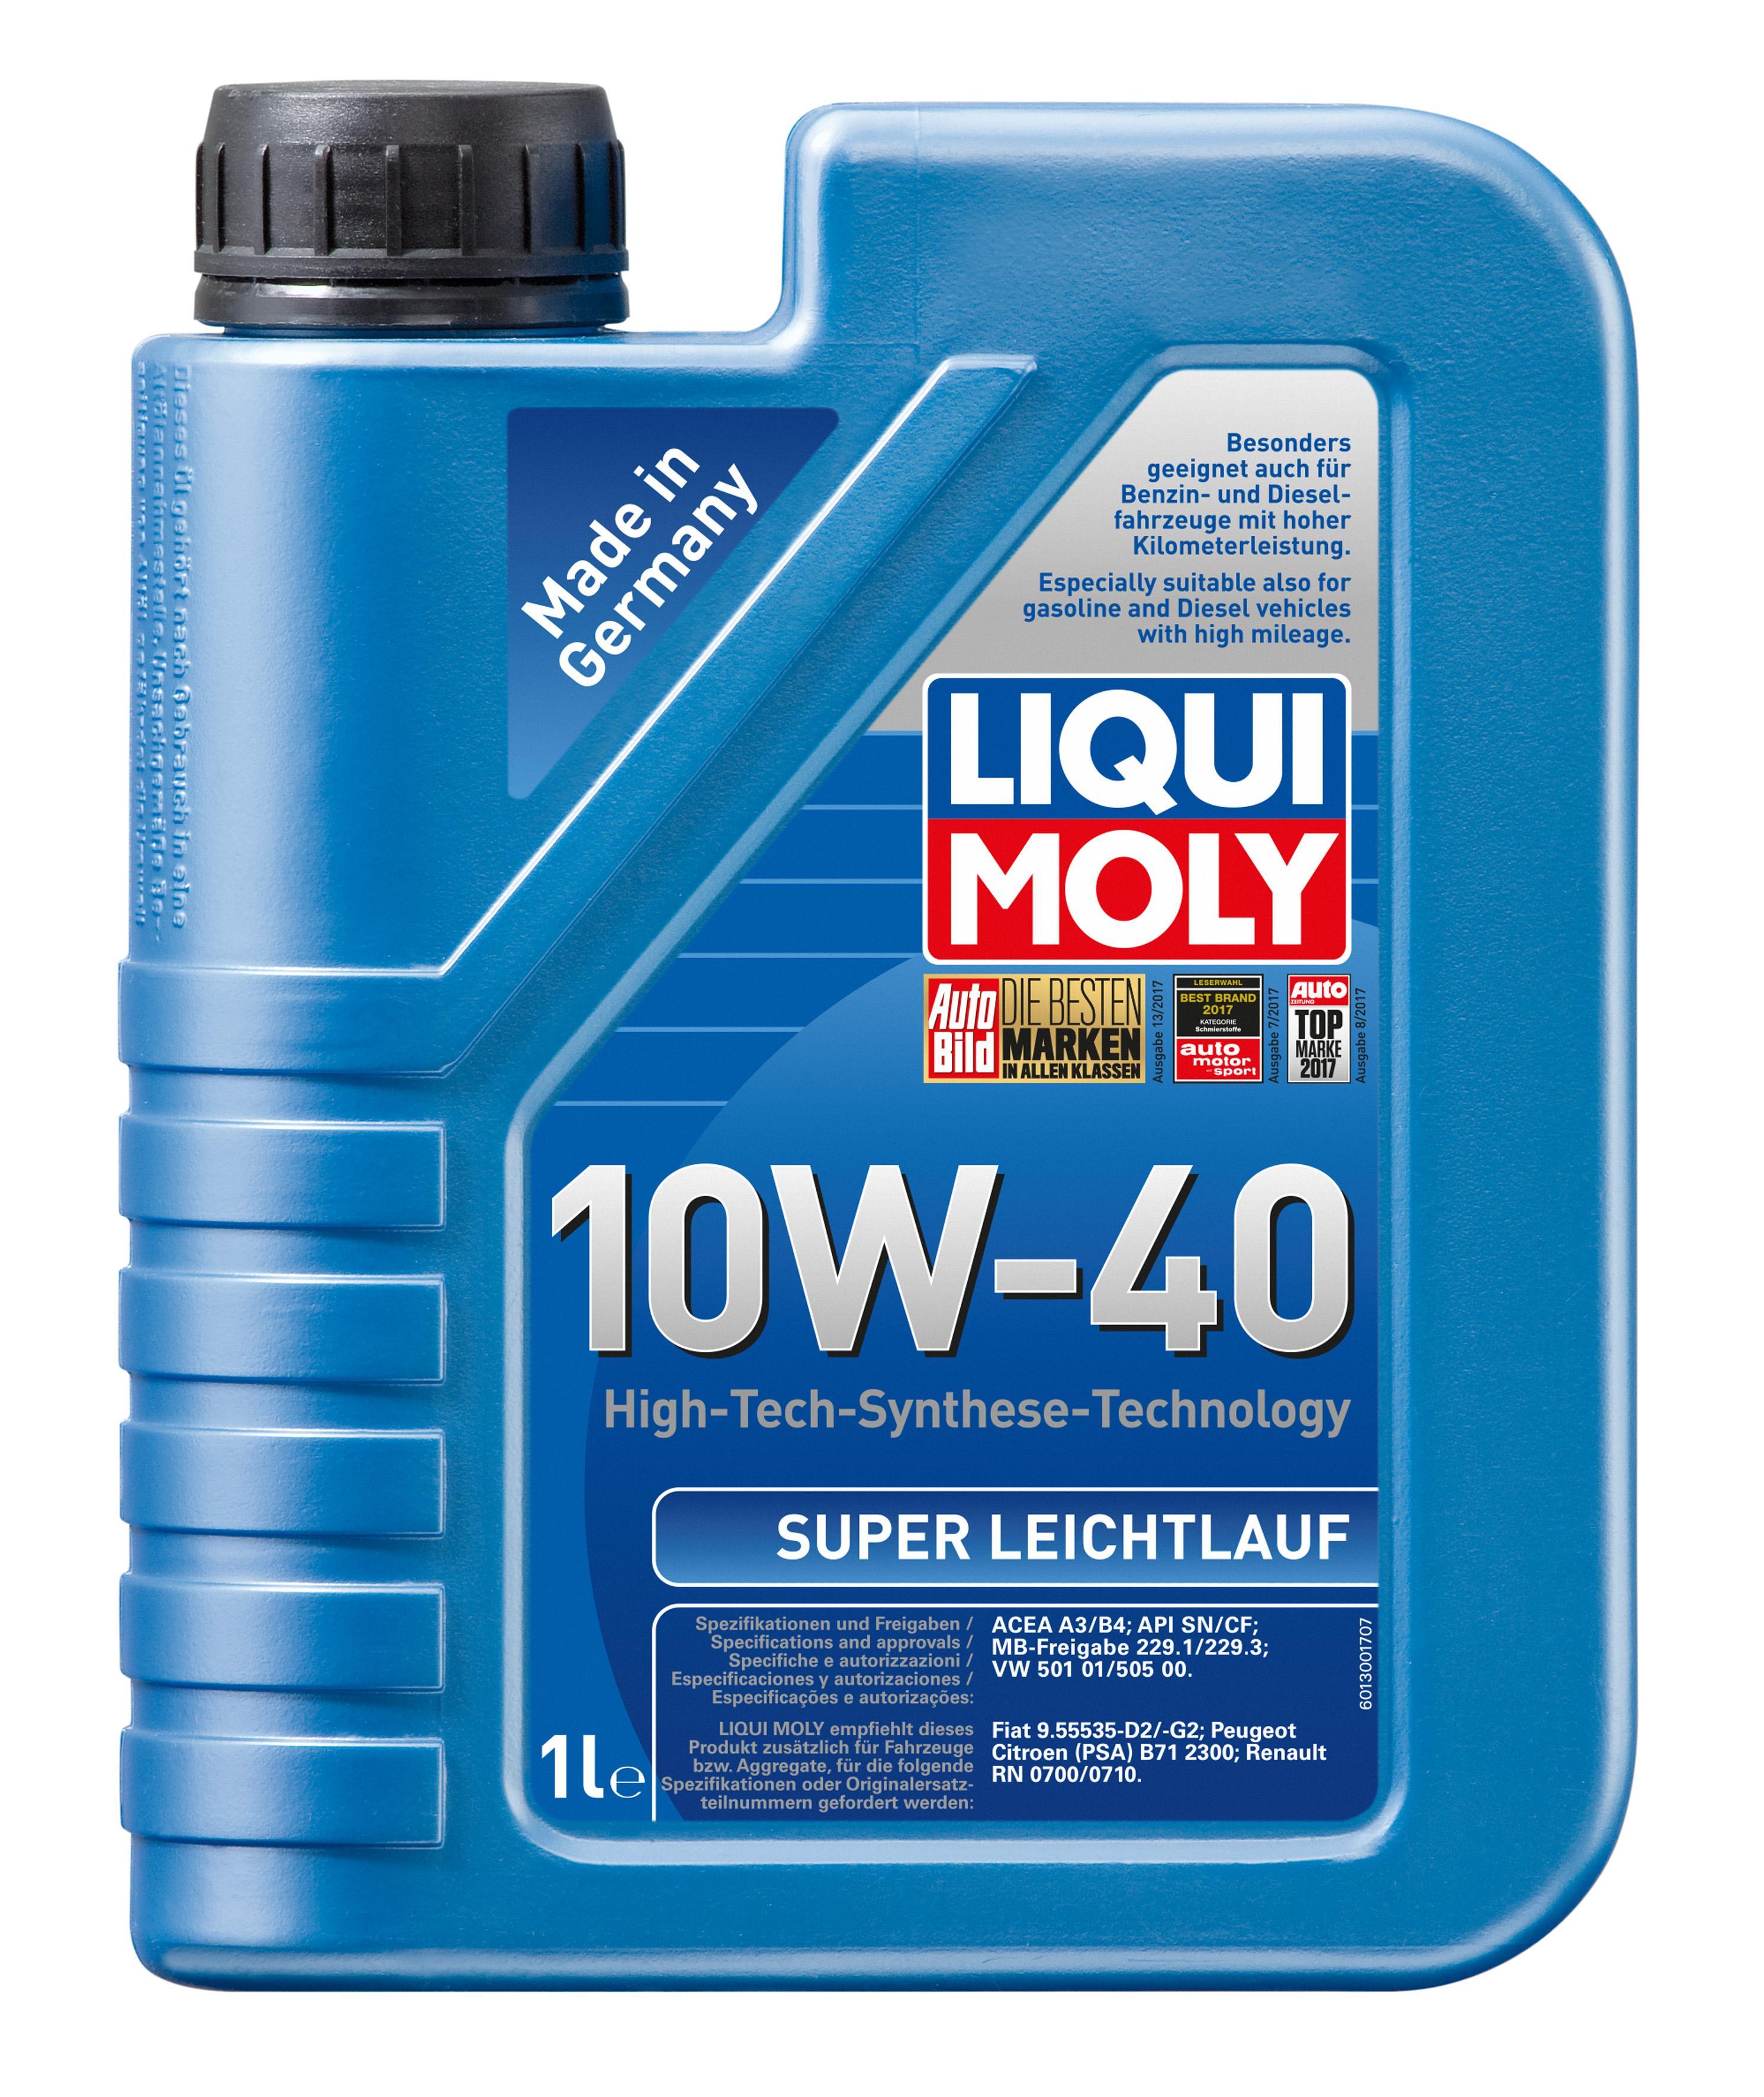 Купете SuperLeichtlauf10W40 LIQUI MOLY Leichtlauf, Super 10W-40, съдържание: 1литър Двигателно масло 1300 евтино